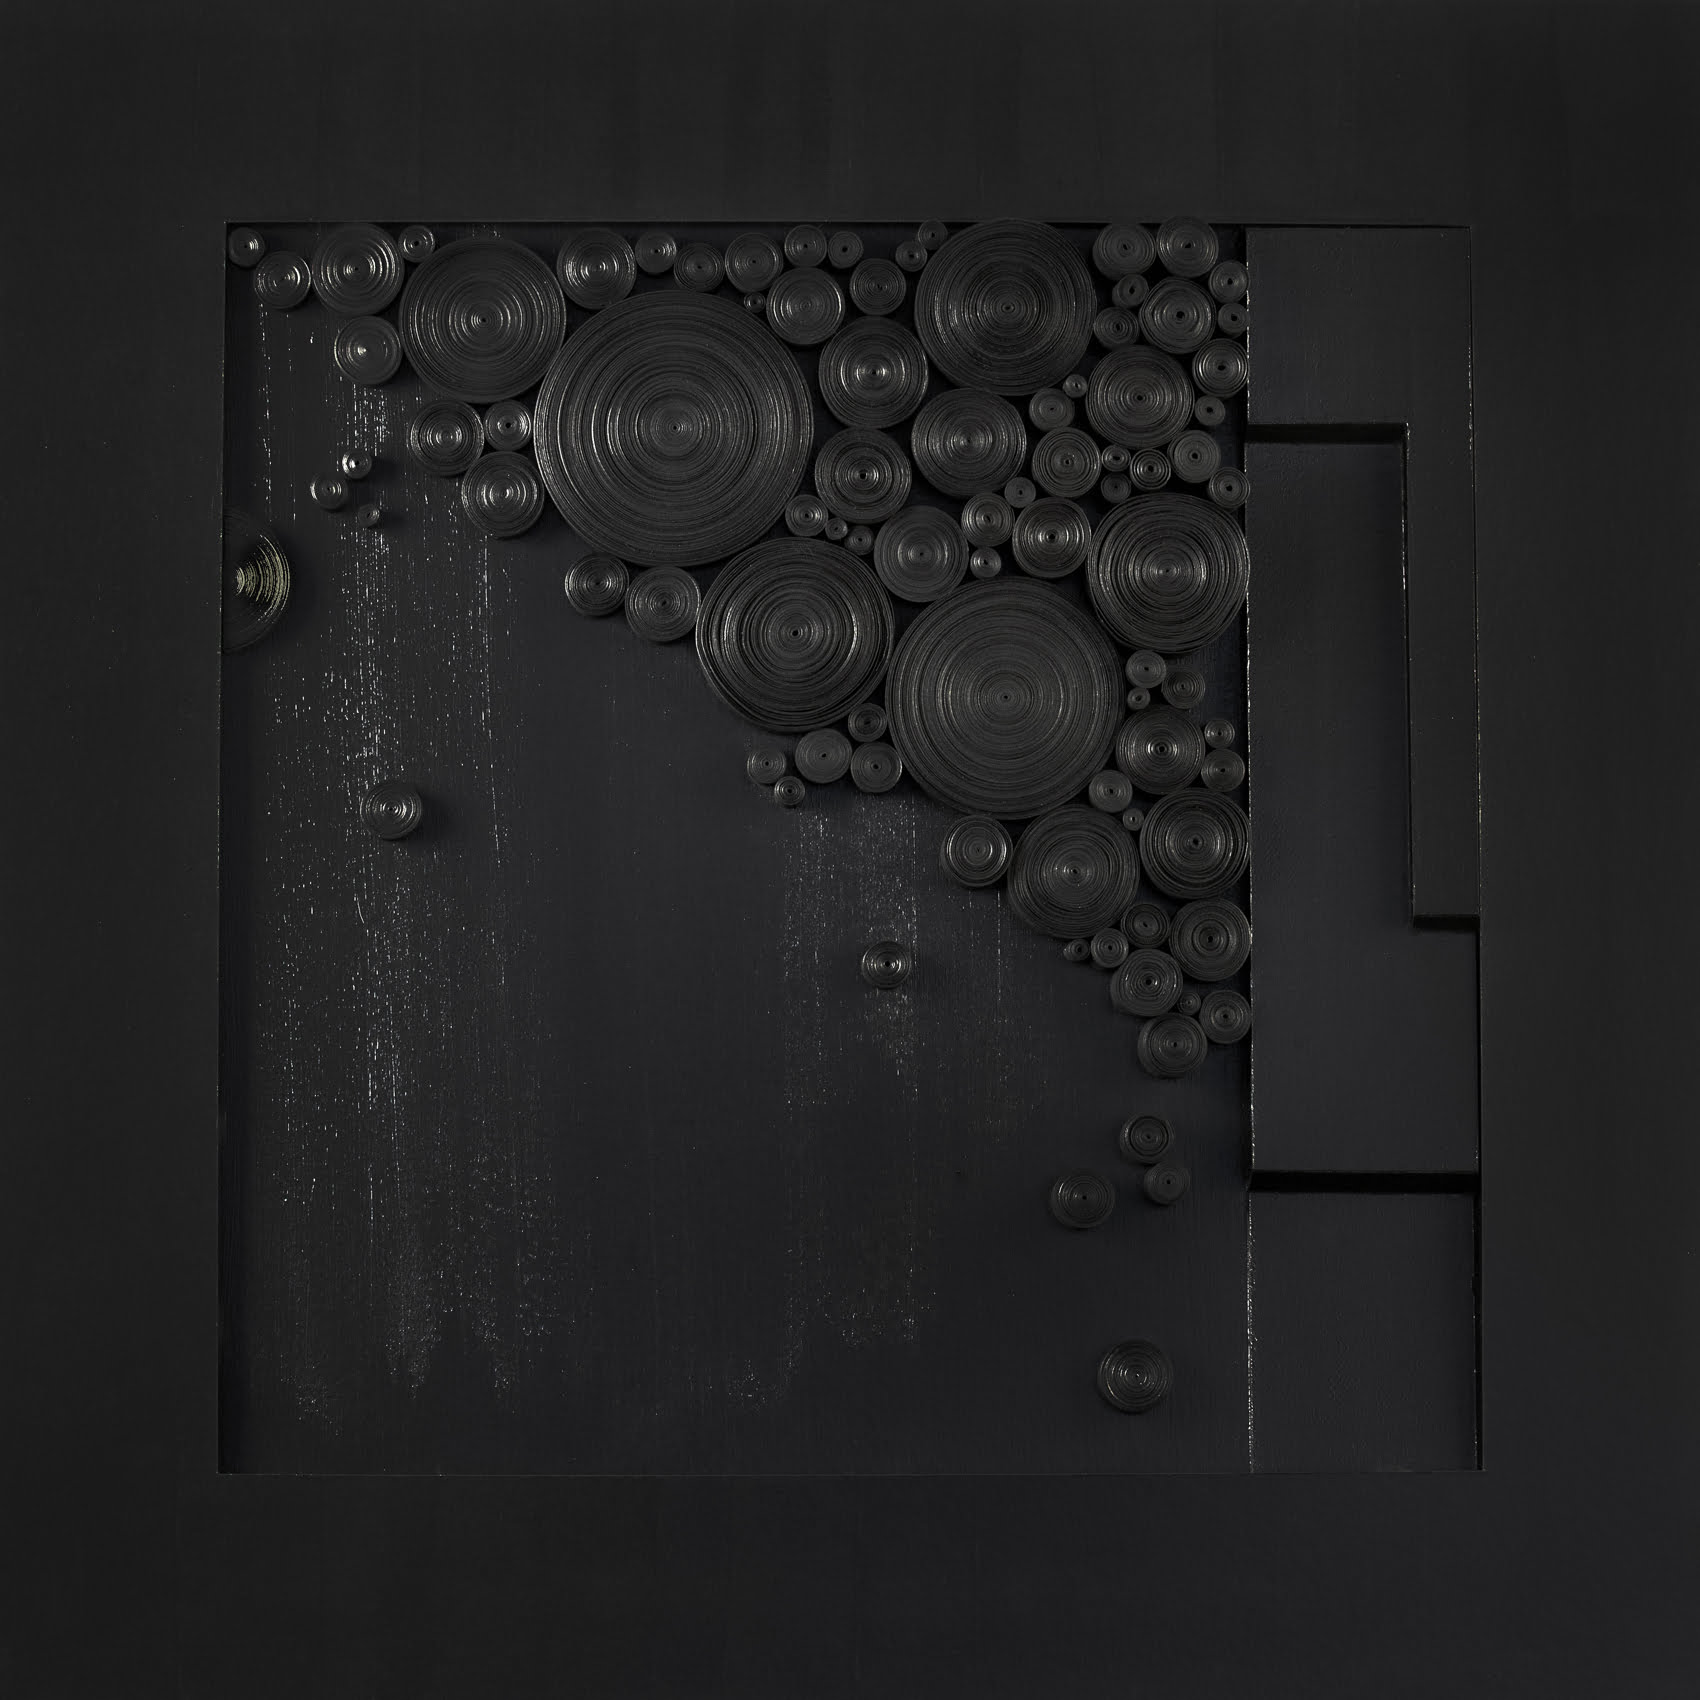 Nanou Autin, Volumes, Grand noir est une couleur, Papier roulé, acrylique 85x85 cm – 2019